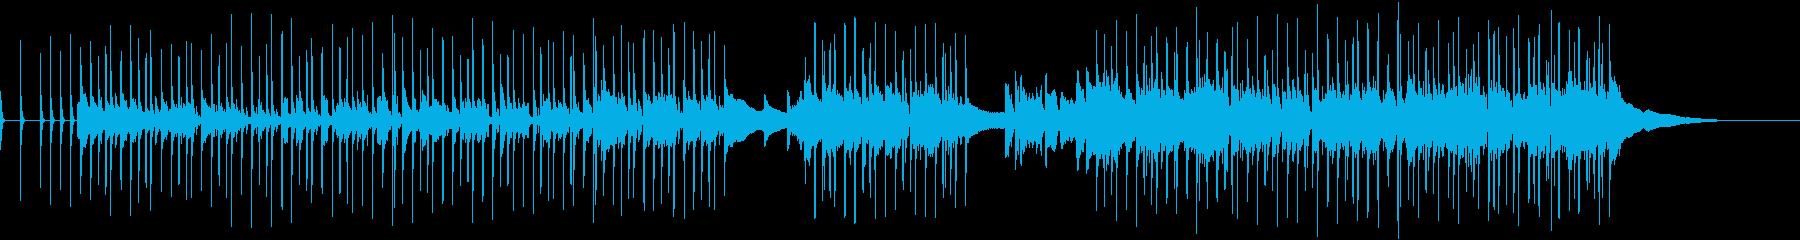 初心の心を持ったギターピアノセッションの再生済みの波形